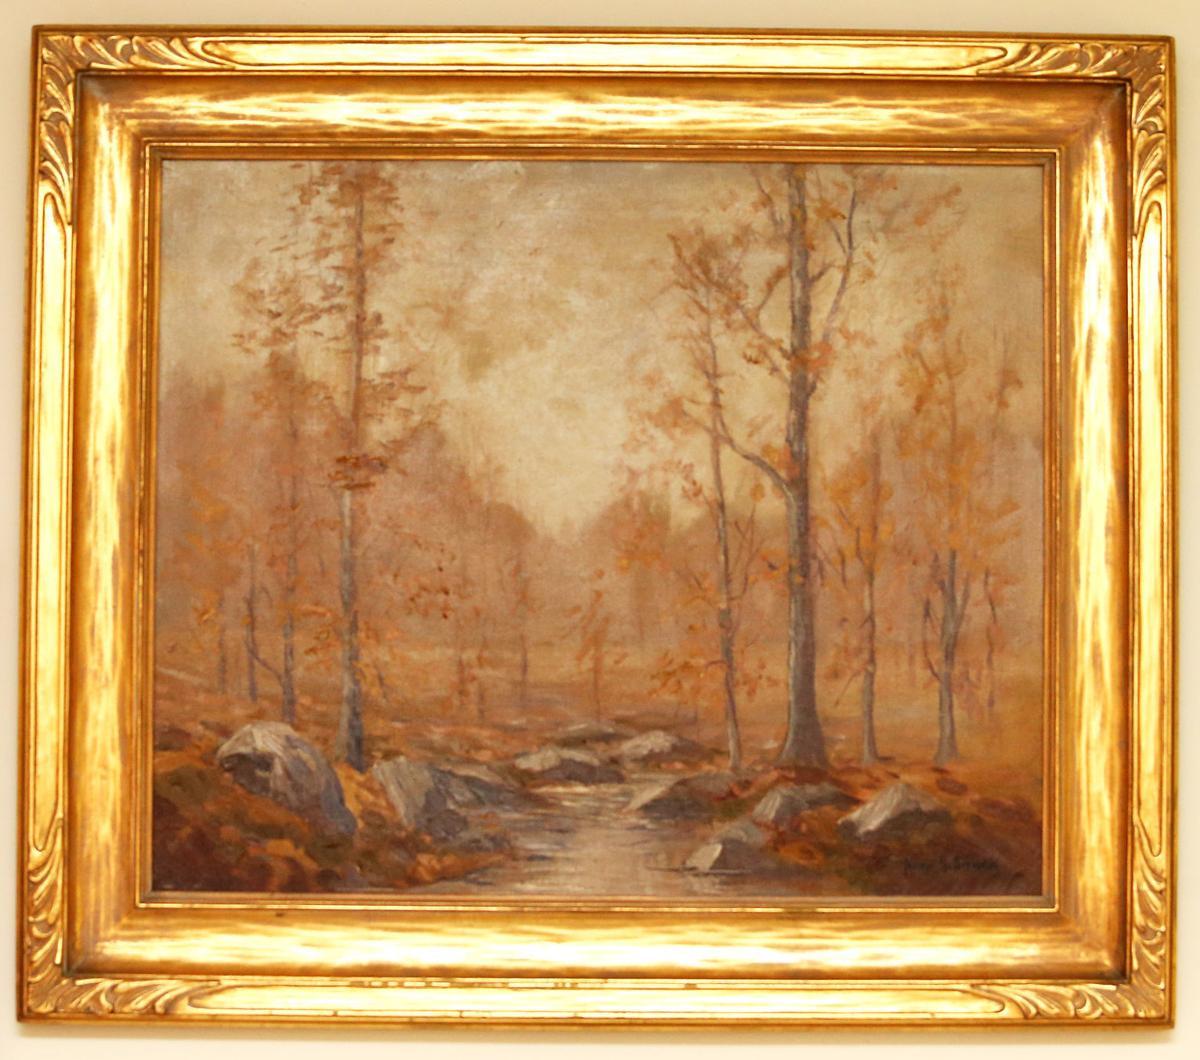 122818-qct-qca-Struck-Painting-002